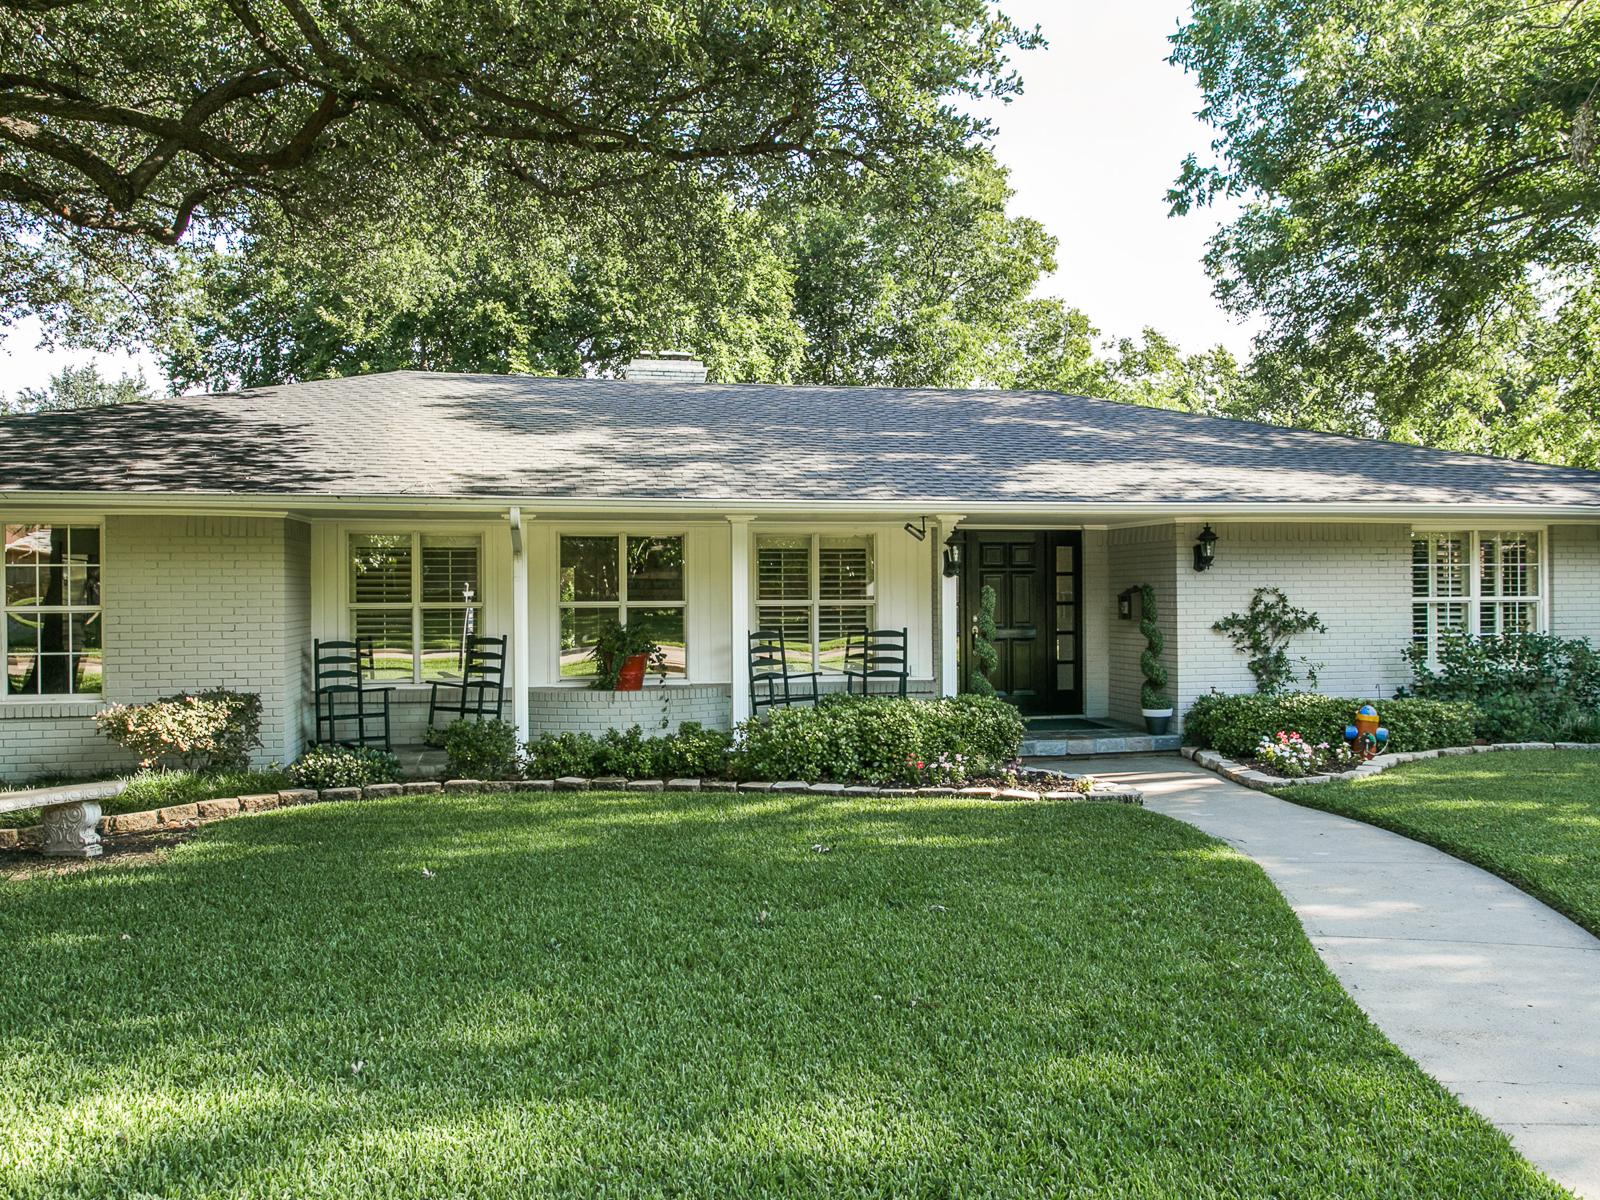 Maison unifamiliale pour l Vente à Fabulous Open Ranch in Sought After Jan Mar Area 7031 Mason Dells Drive Dallas, Texas 75230 États-Unis